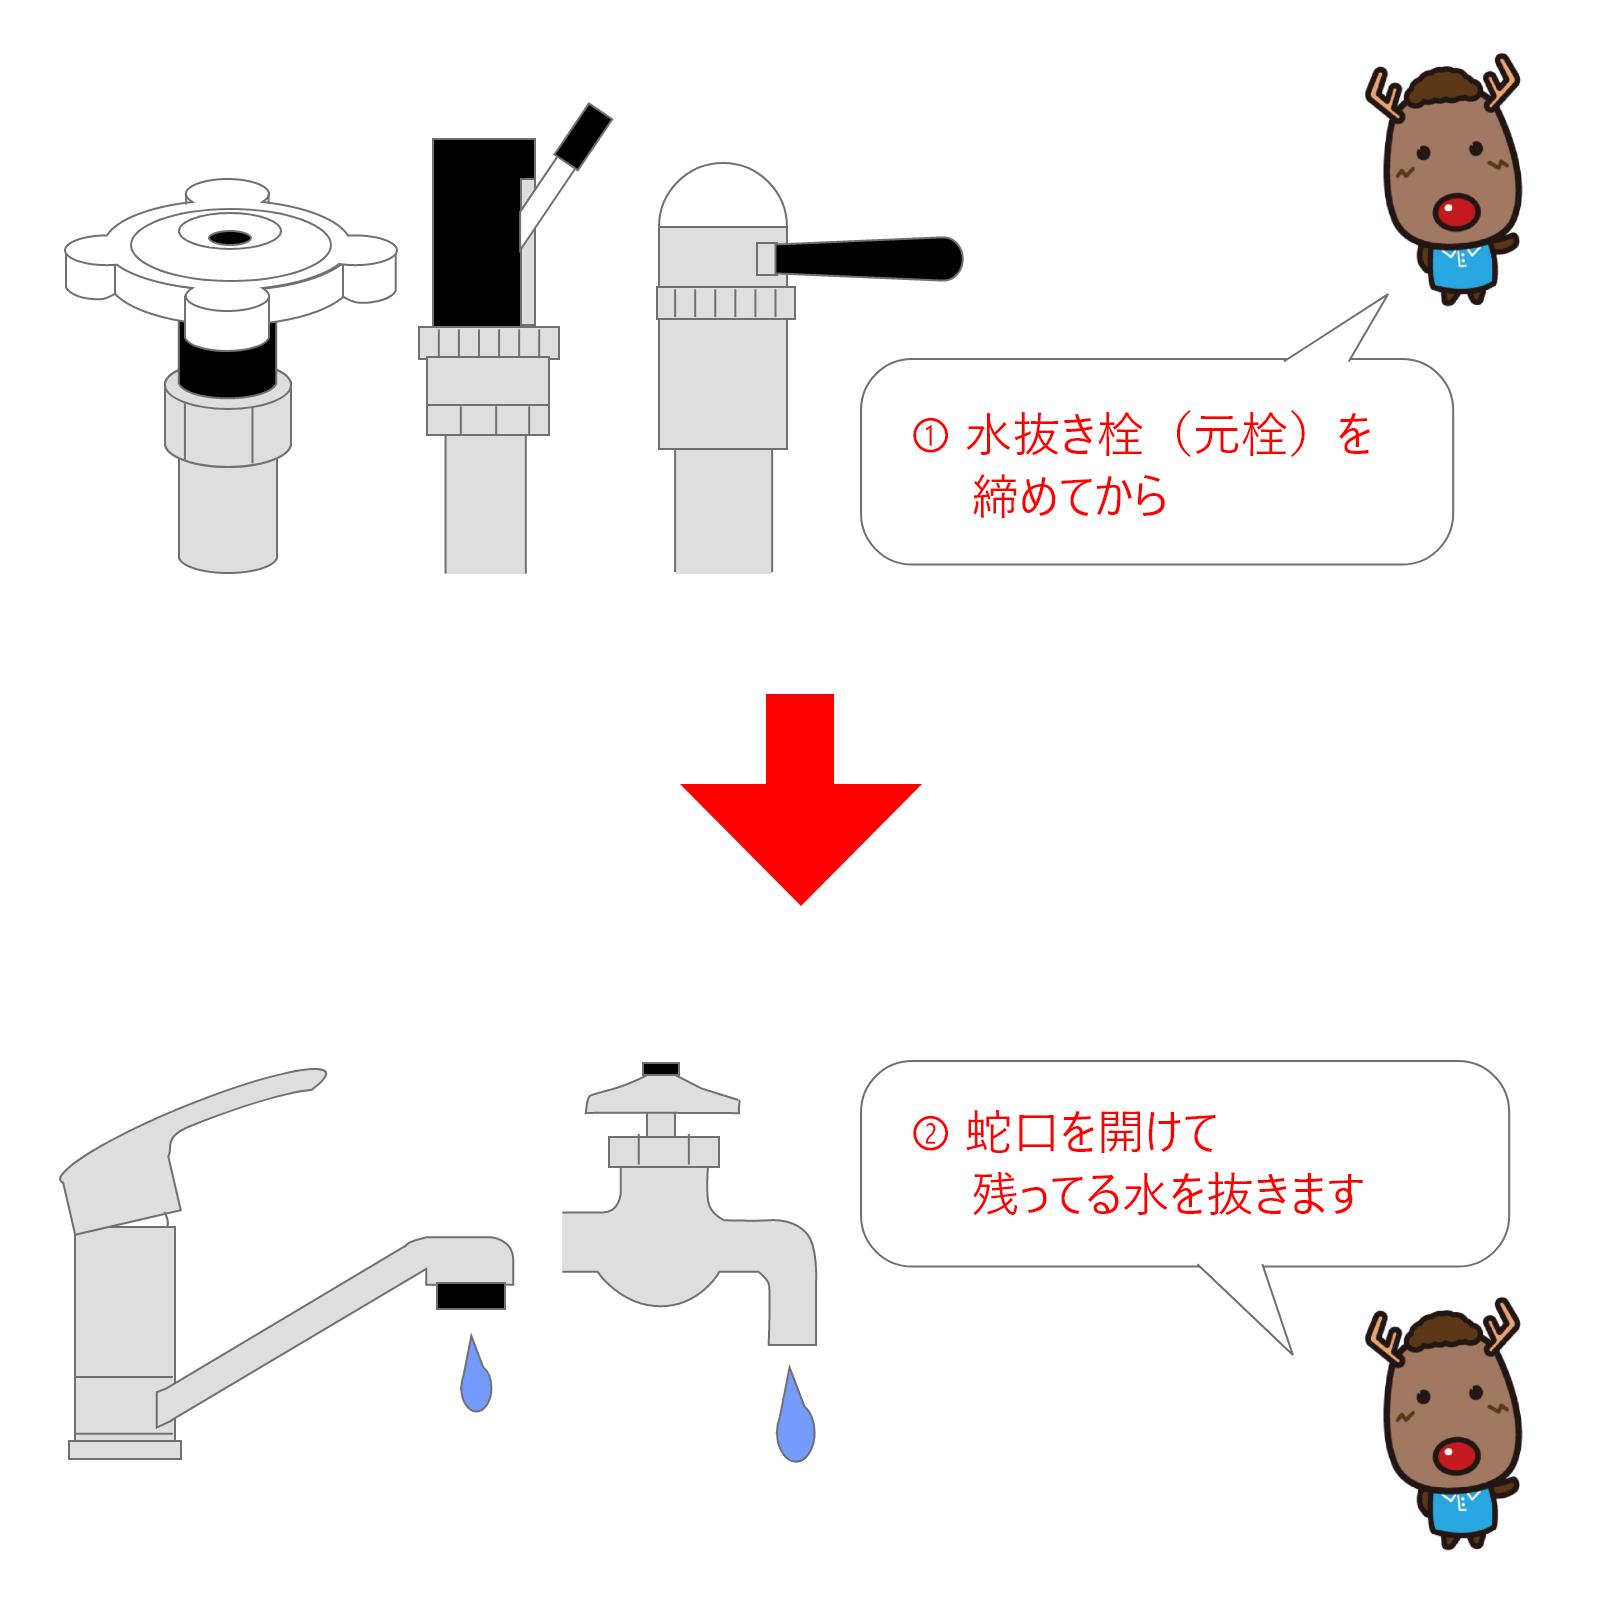 水抜きの方法